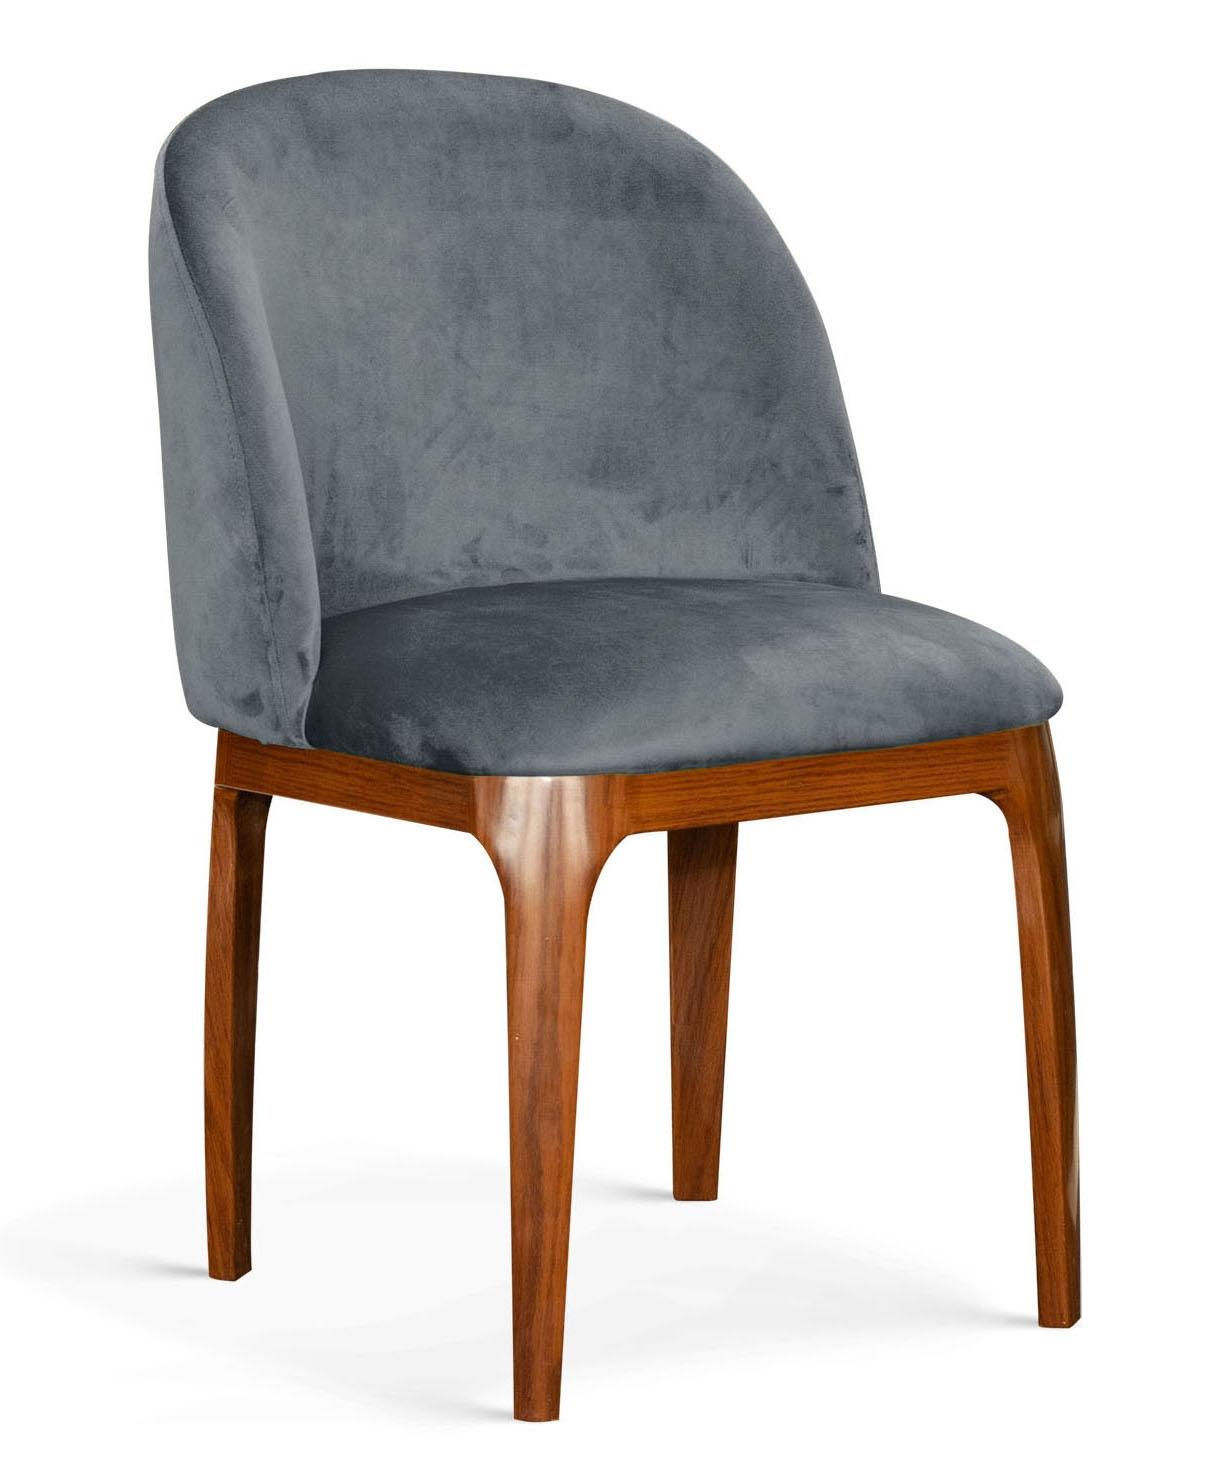 Scaun tapitat cu stofa, cu picioare metalice Grace Gri / Nuc, l53xA56xH83 cm